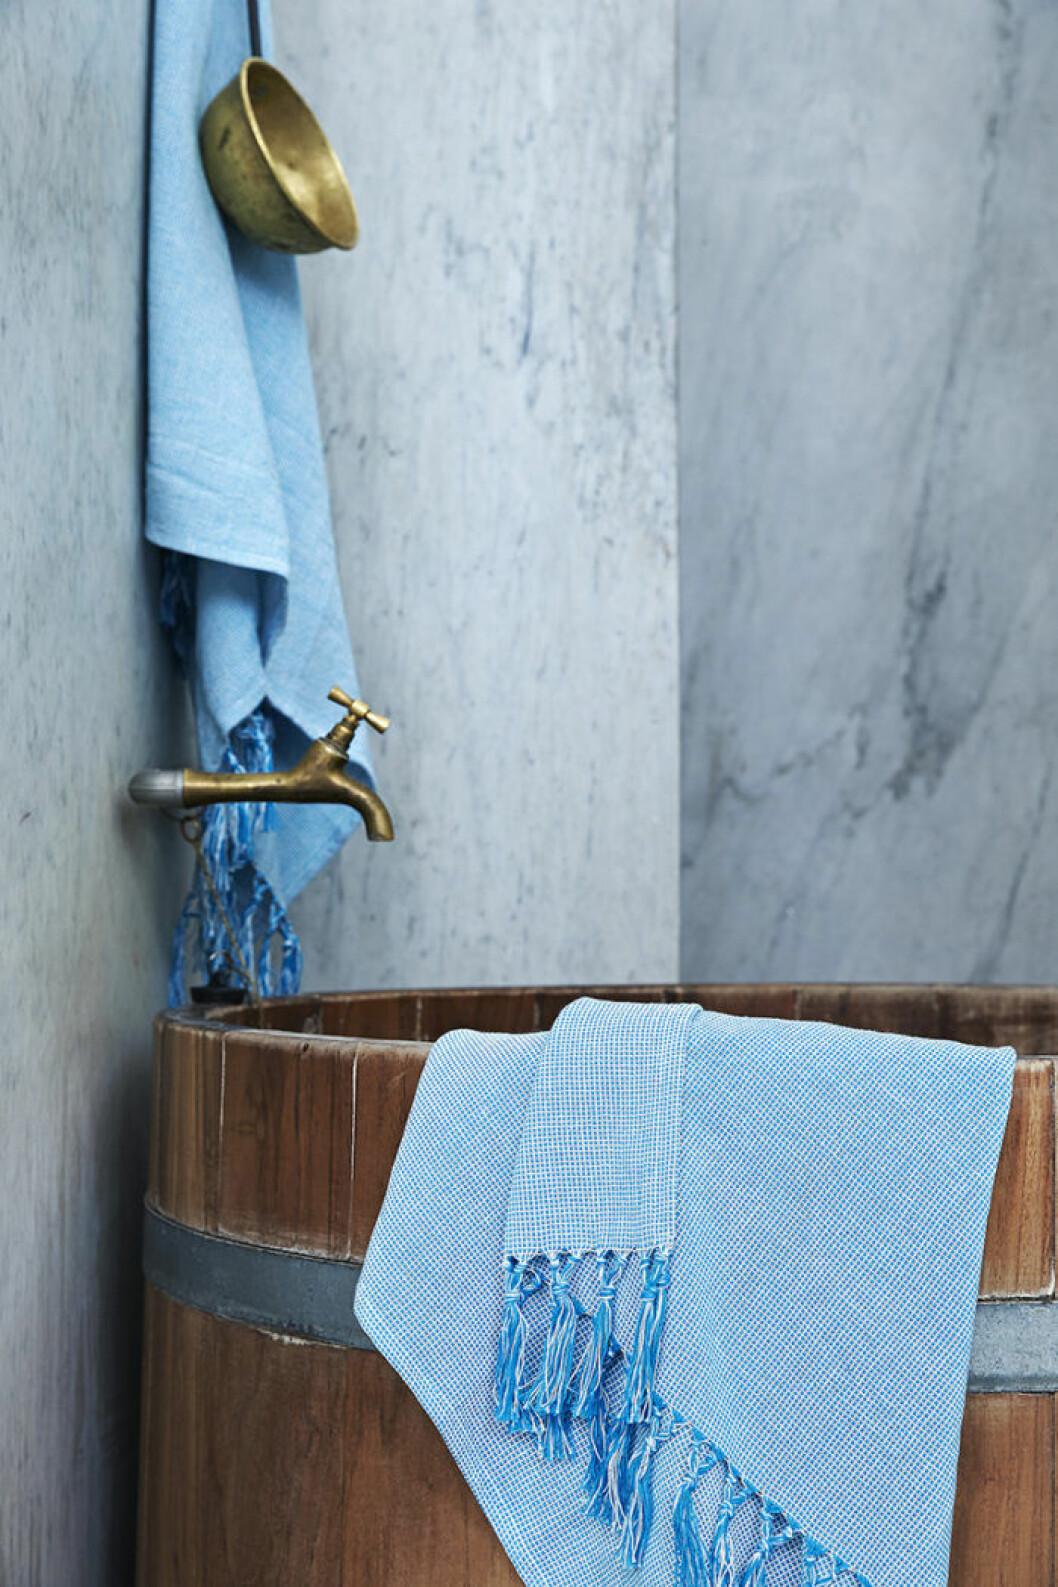 Ikeas kollektion Innehållsrik, badtunna och turkos handduk.